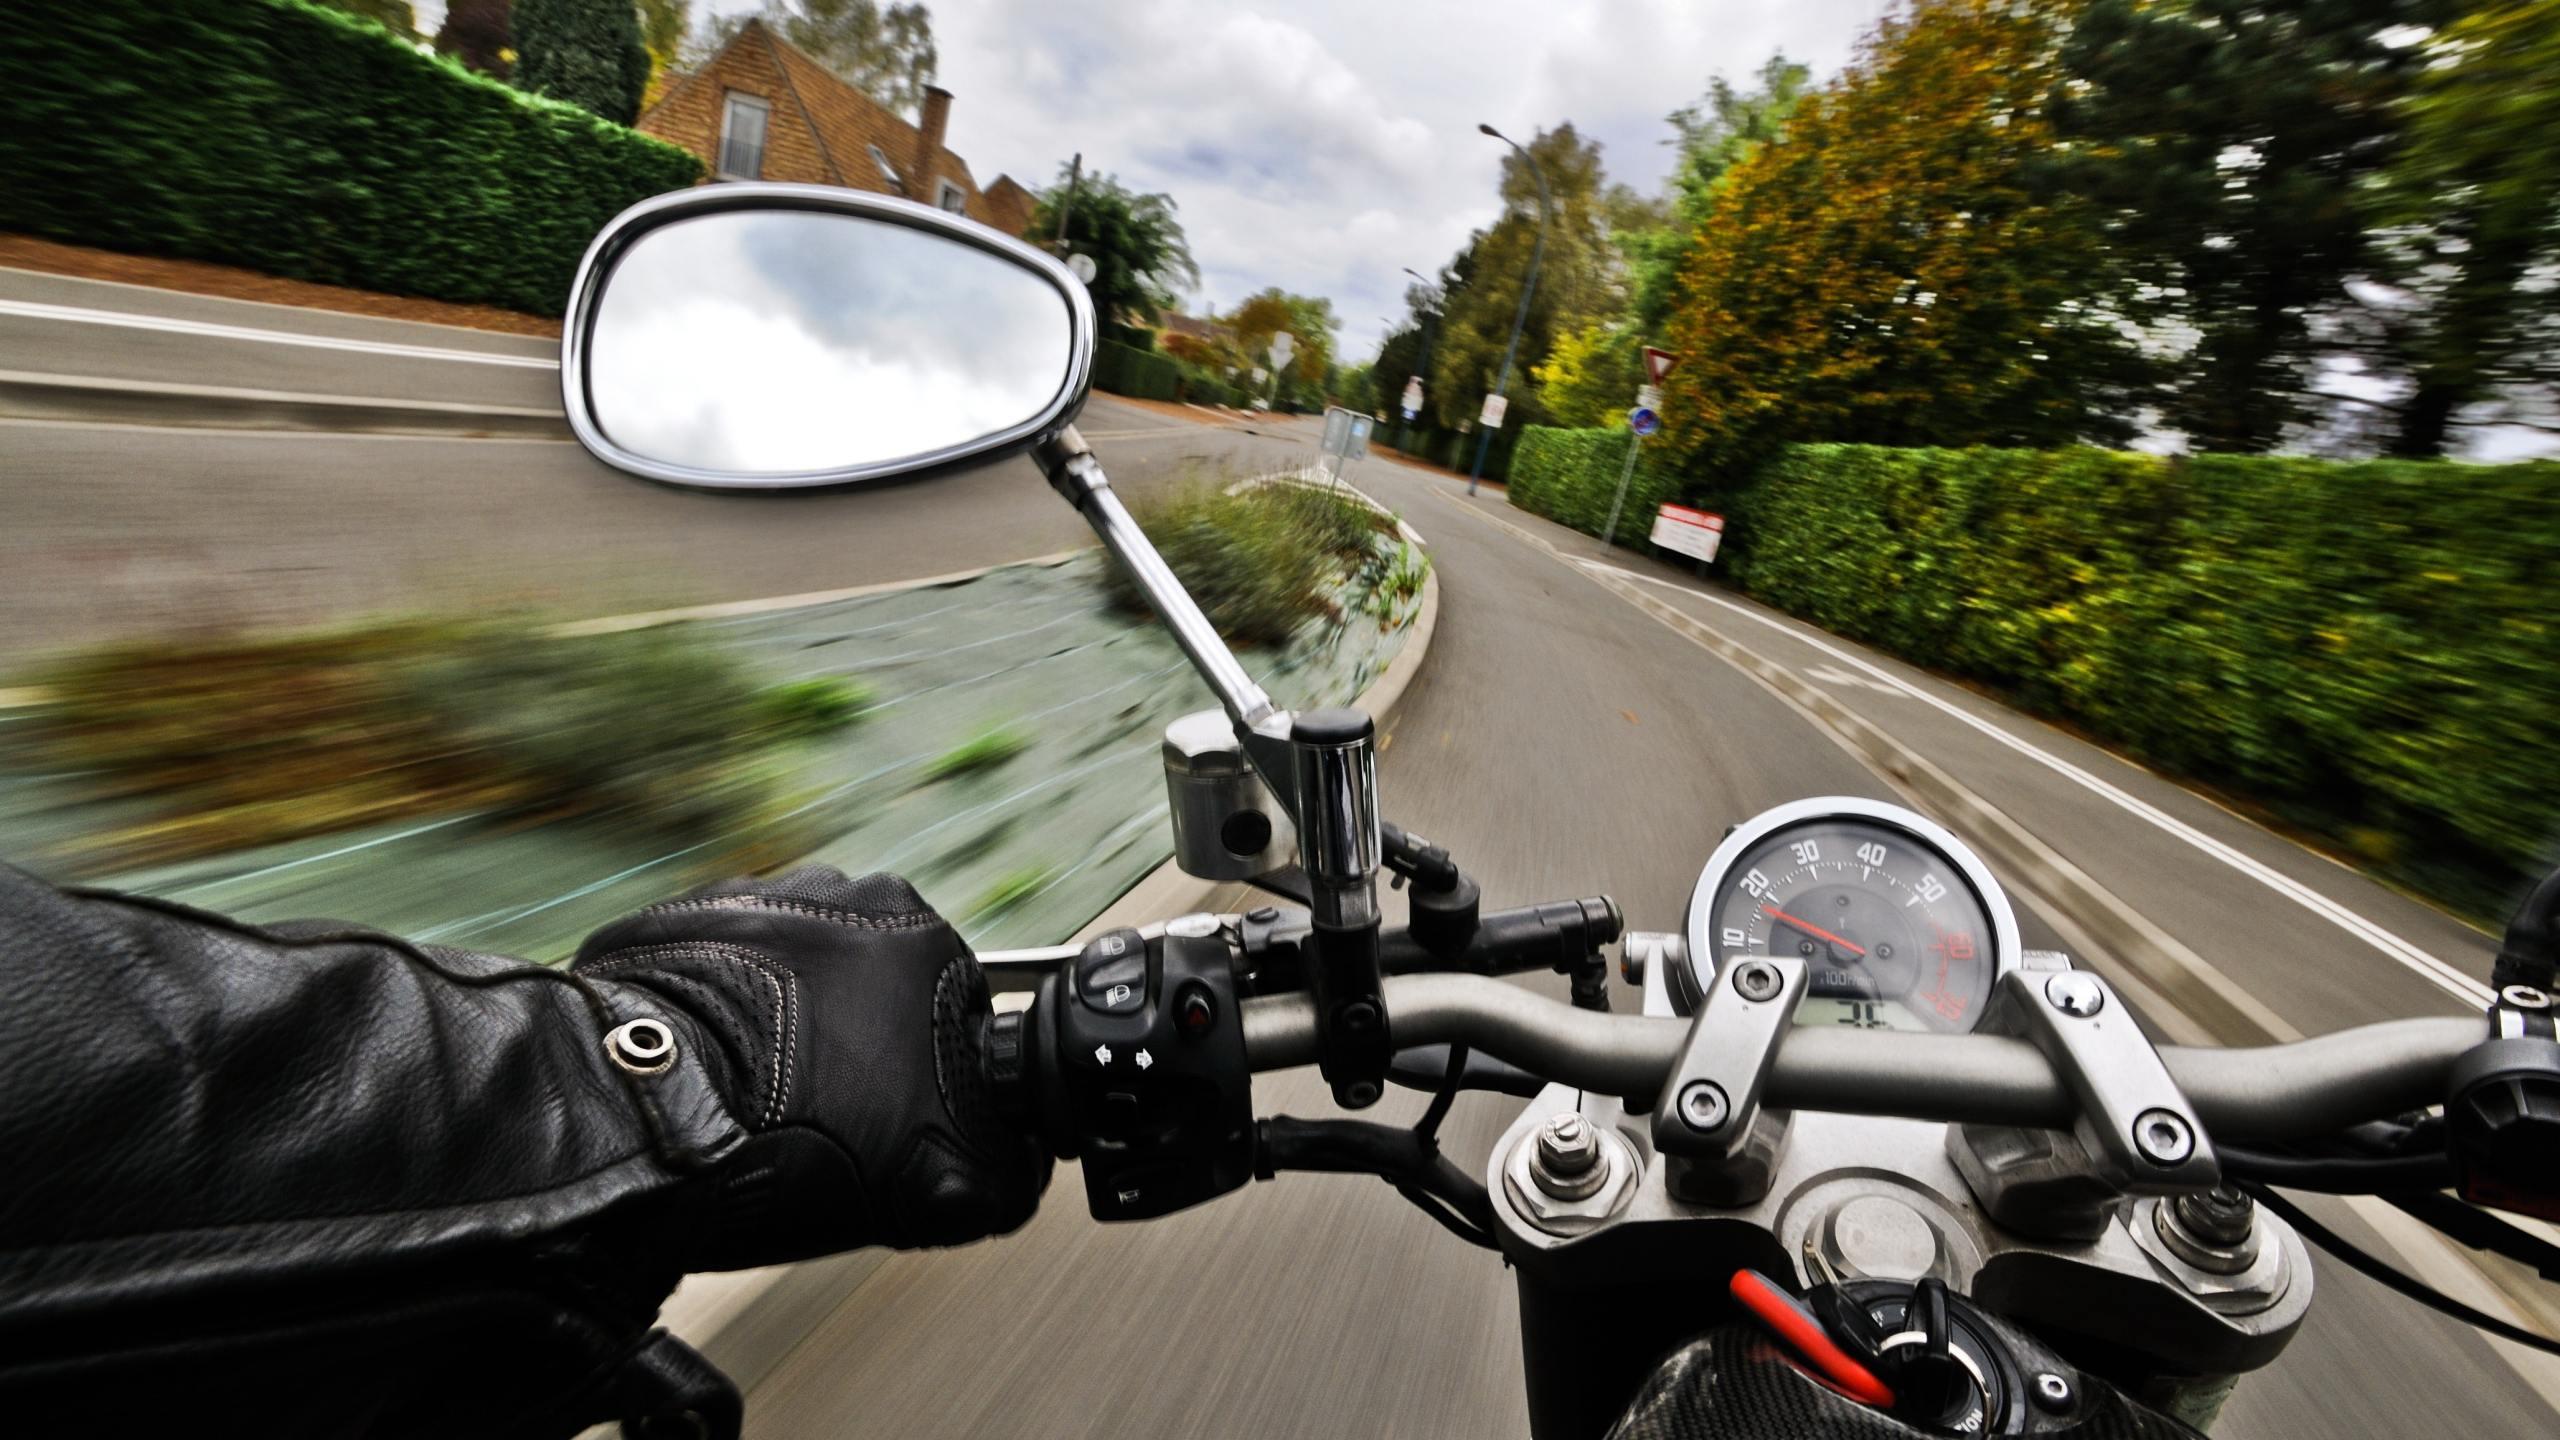 motorcycle4_1525368380619.jpg